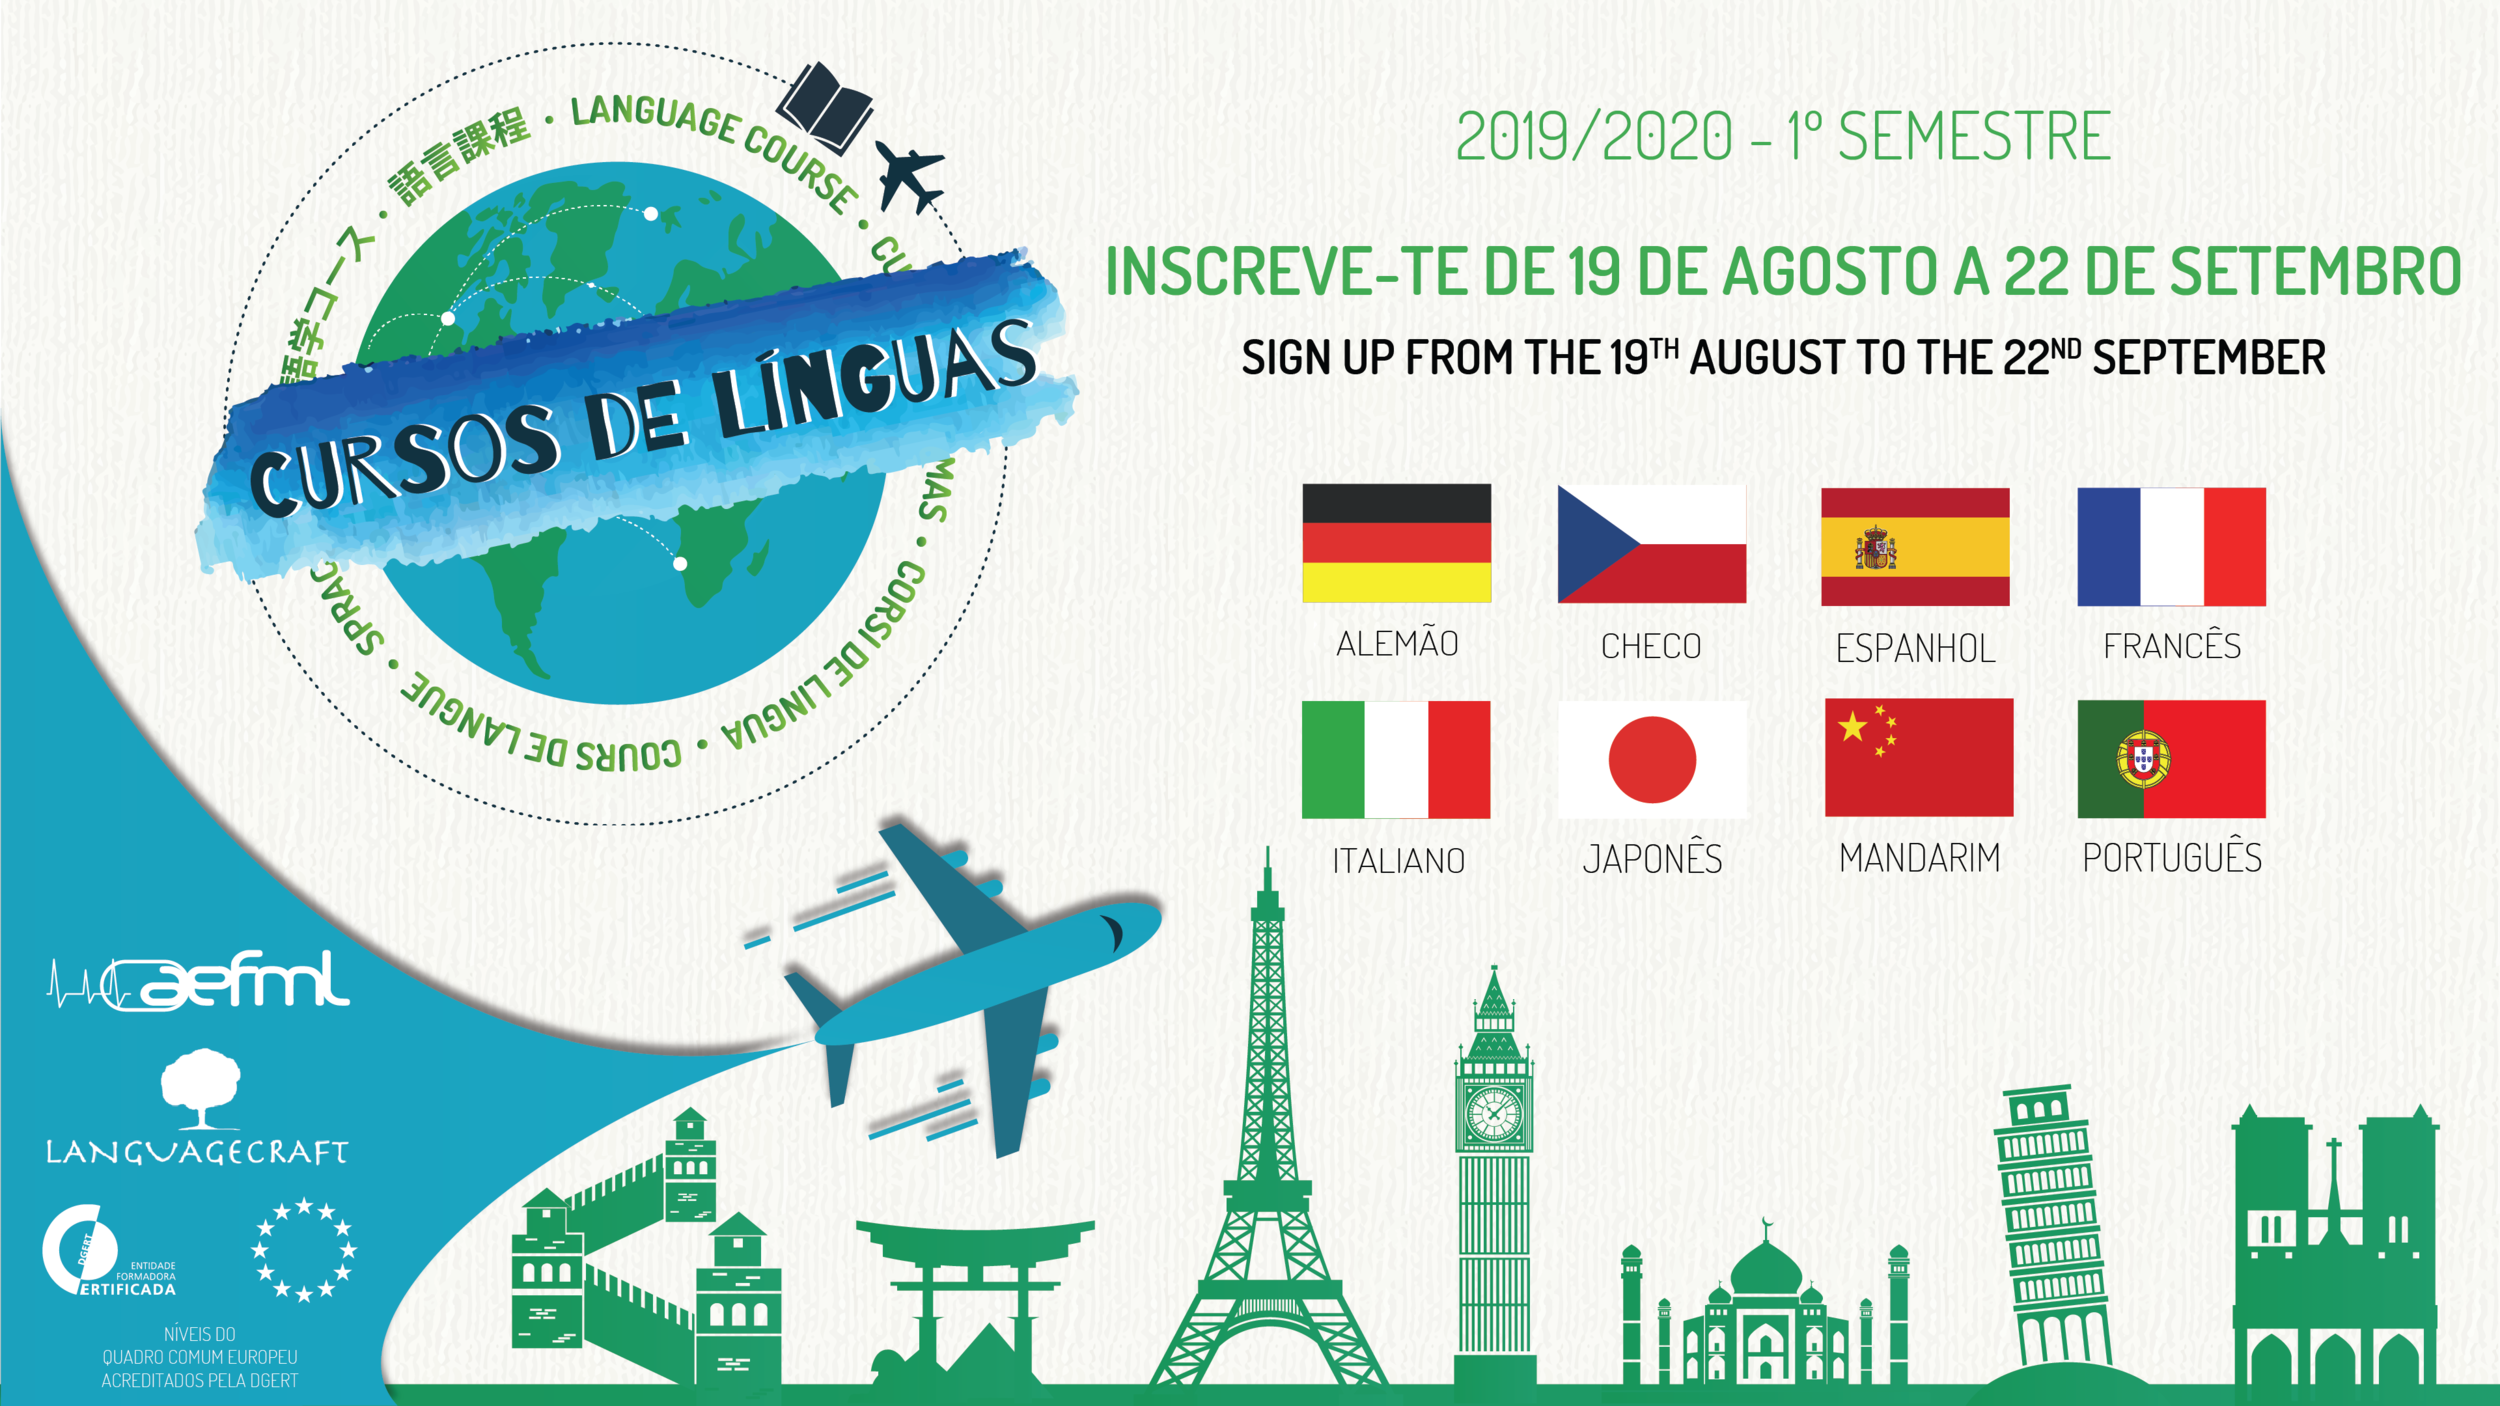 Banner - Curso de Línguas.png